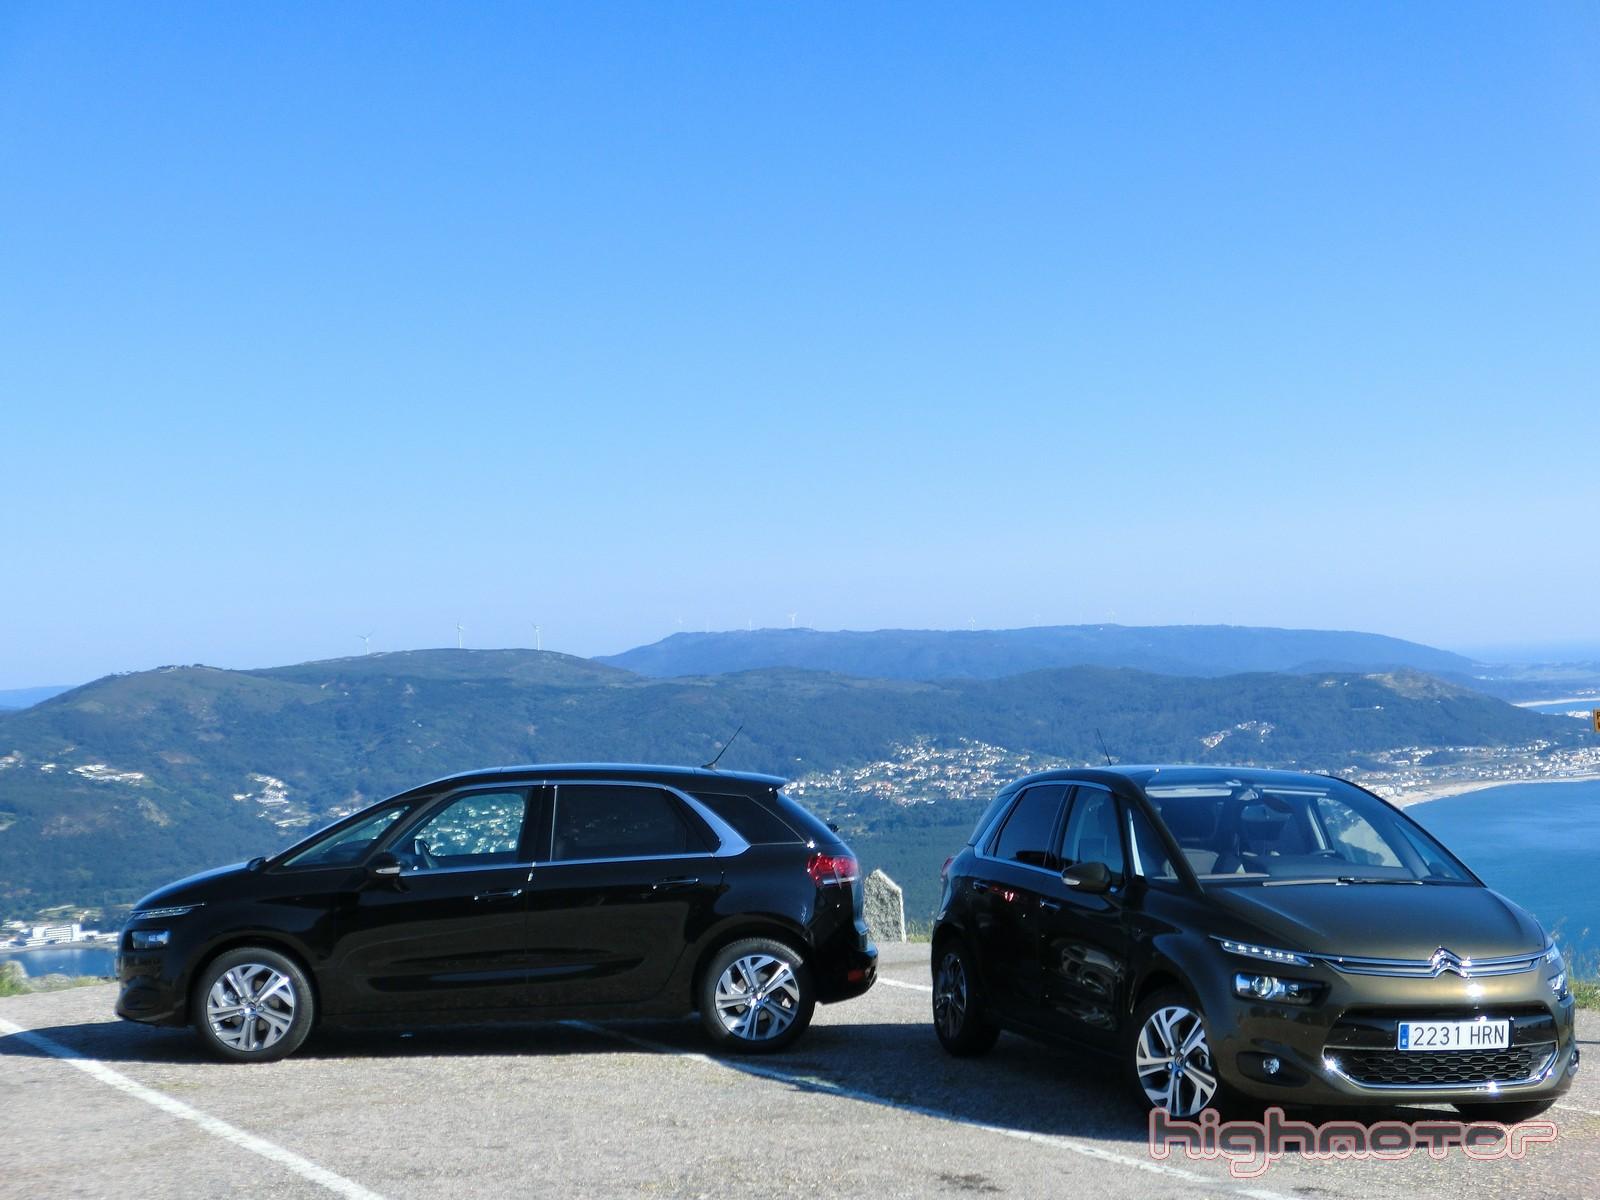 Citroën C4 Picasso 2013, presentación y prueba en Baiona